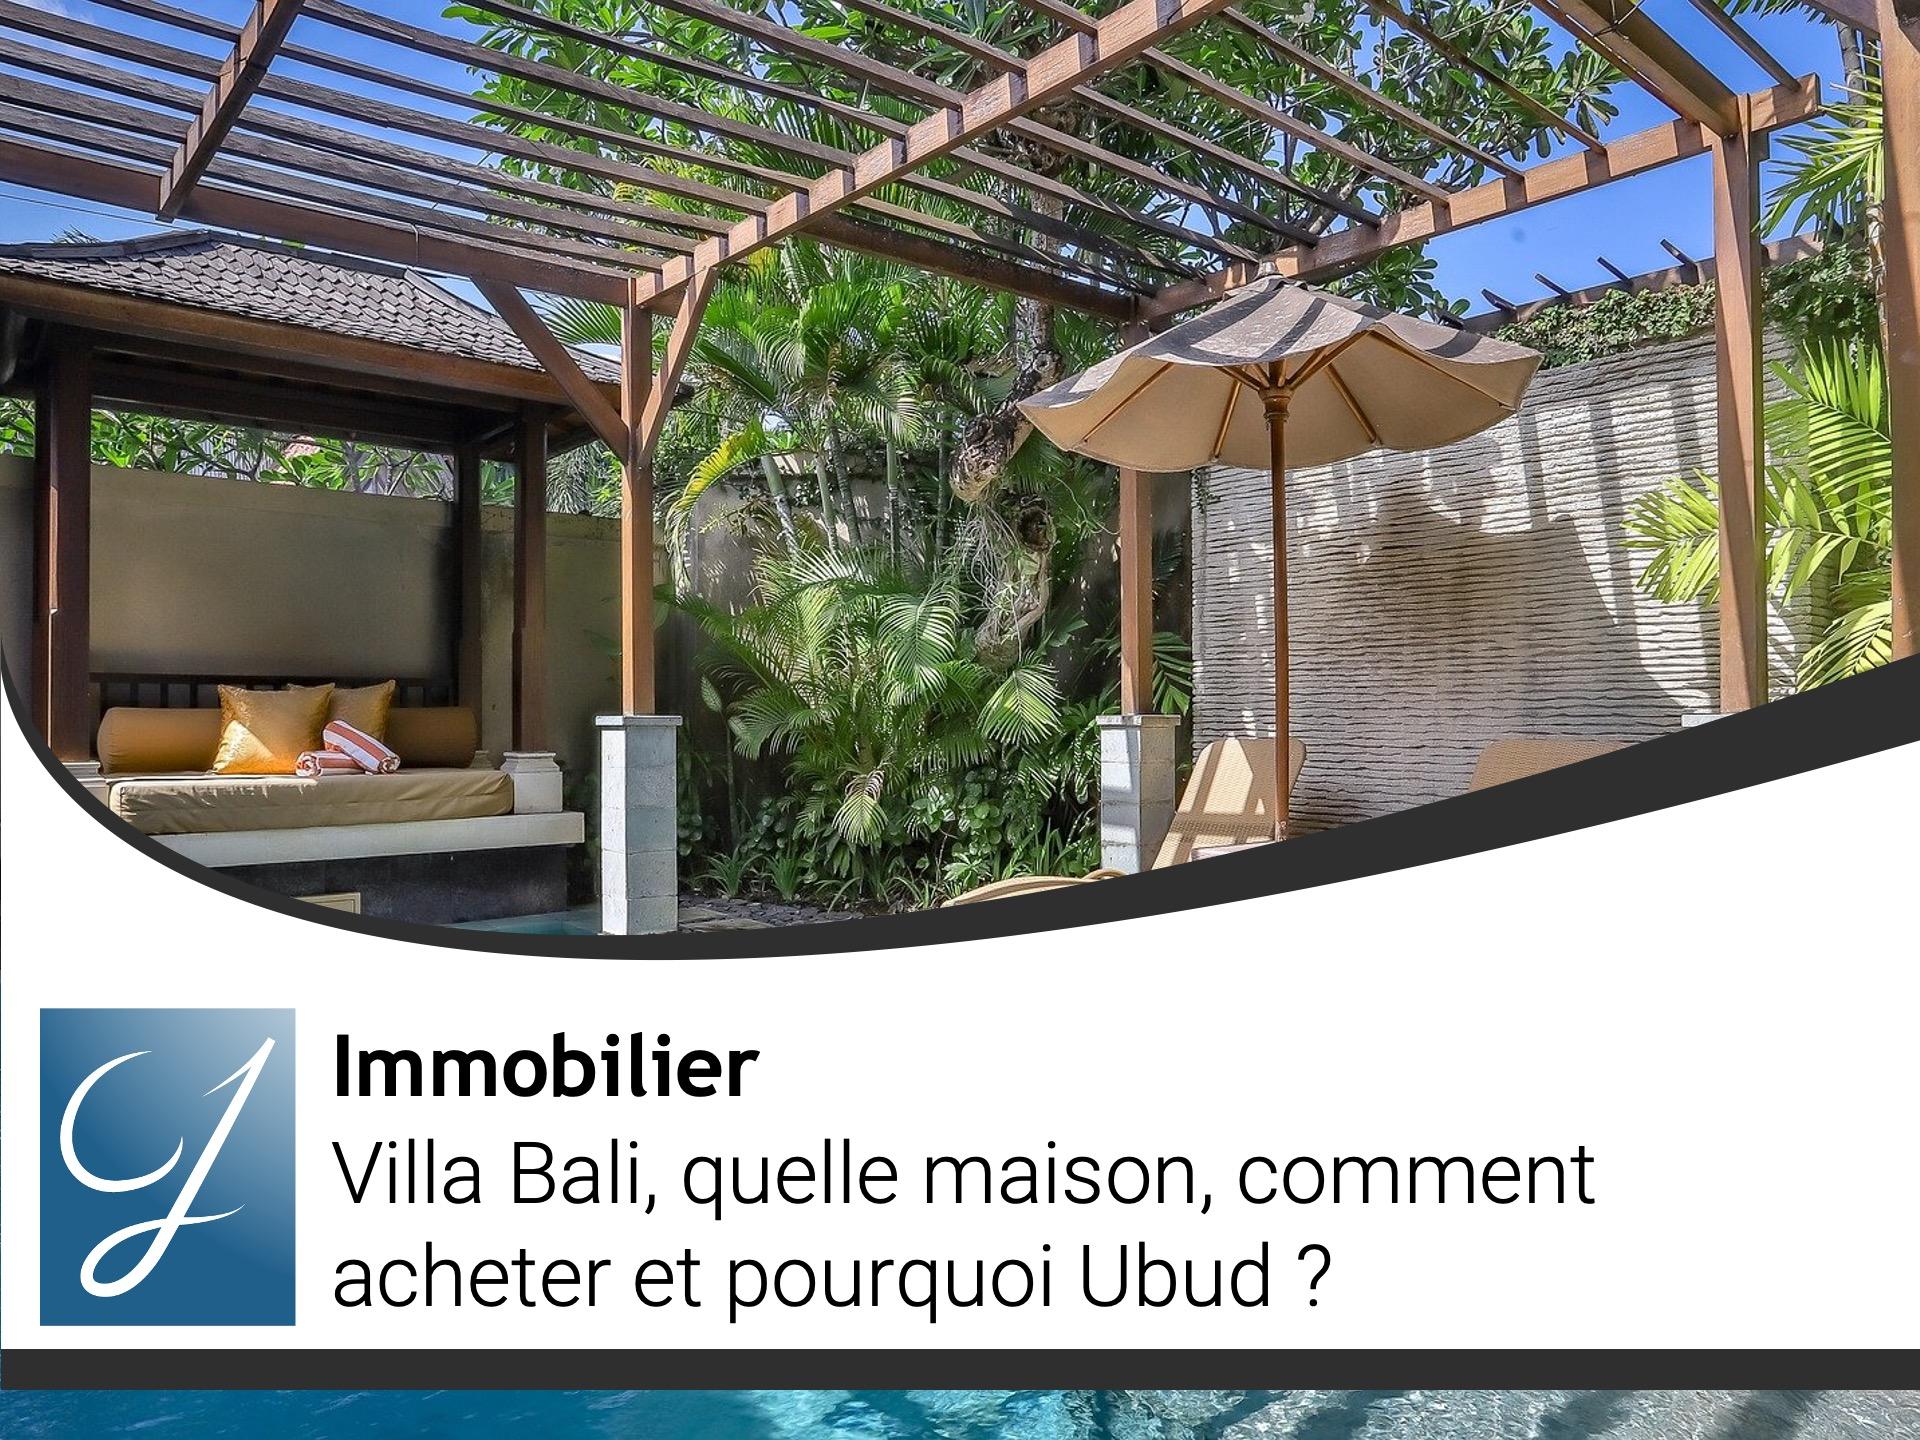 Villa Bali quelle maison, comment acheter et pourquoi Ubud?